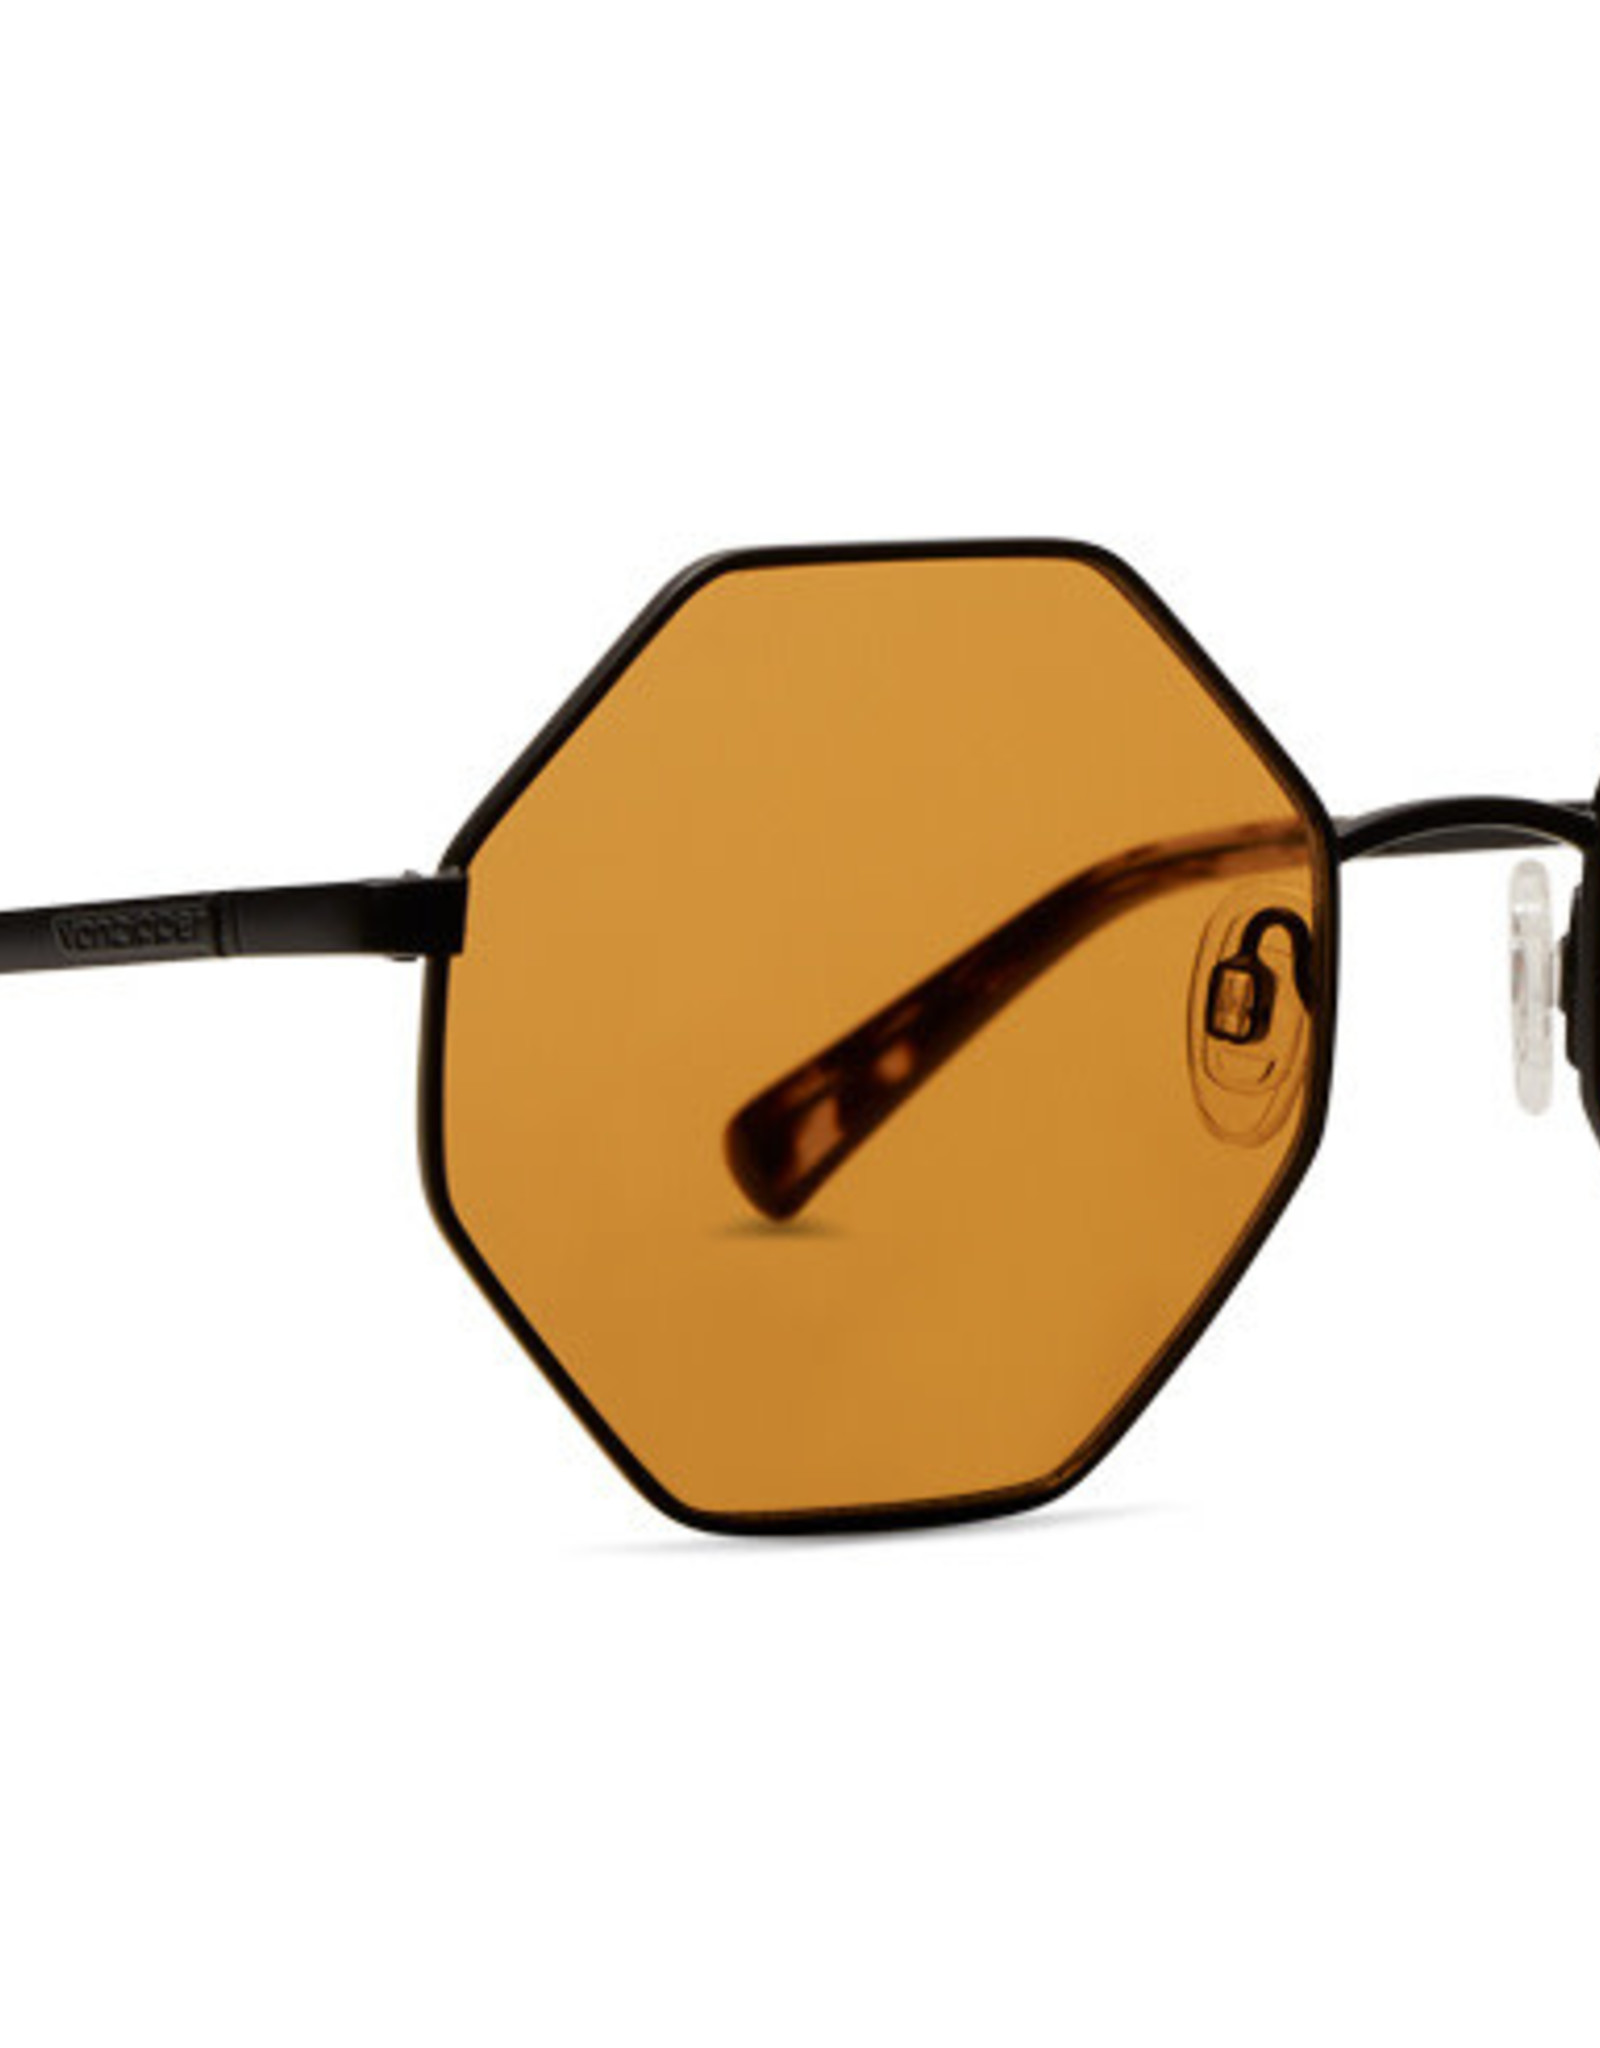 Von Zipper VZ - PEARL - Black Satin w/ Amber Orange